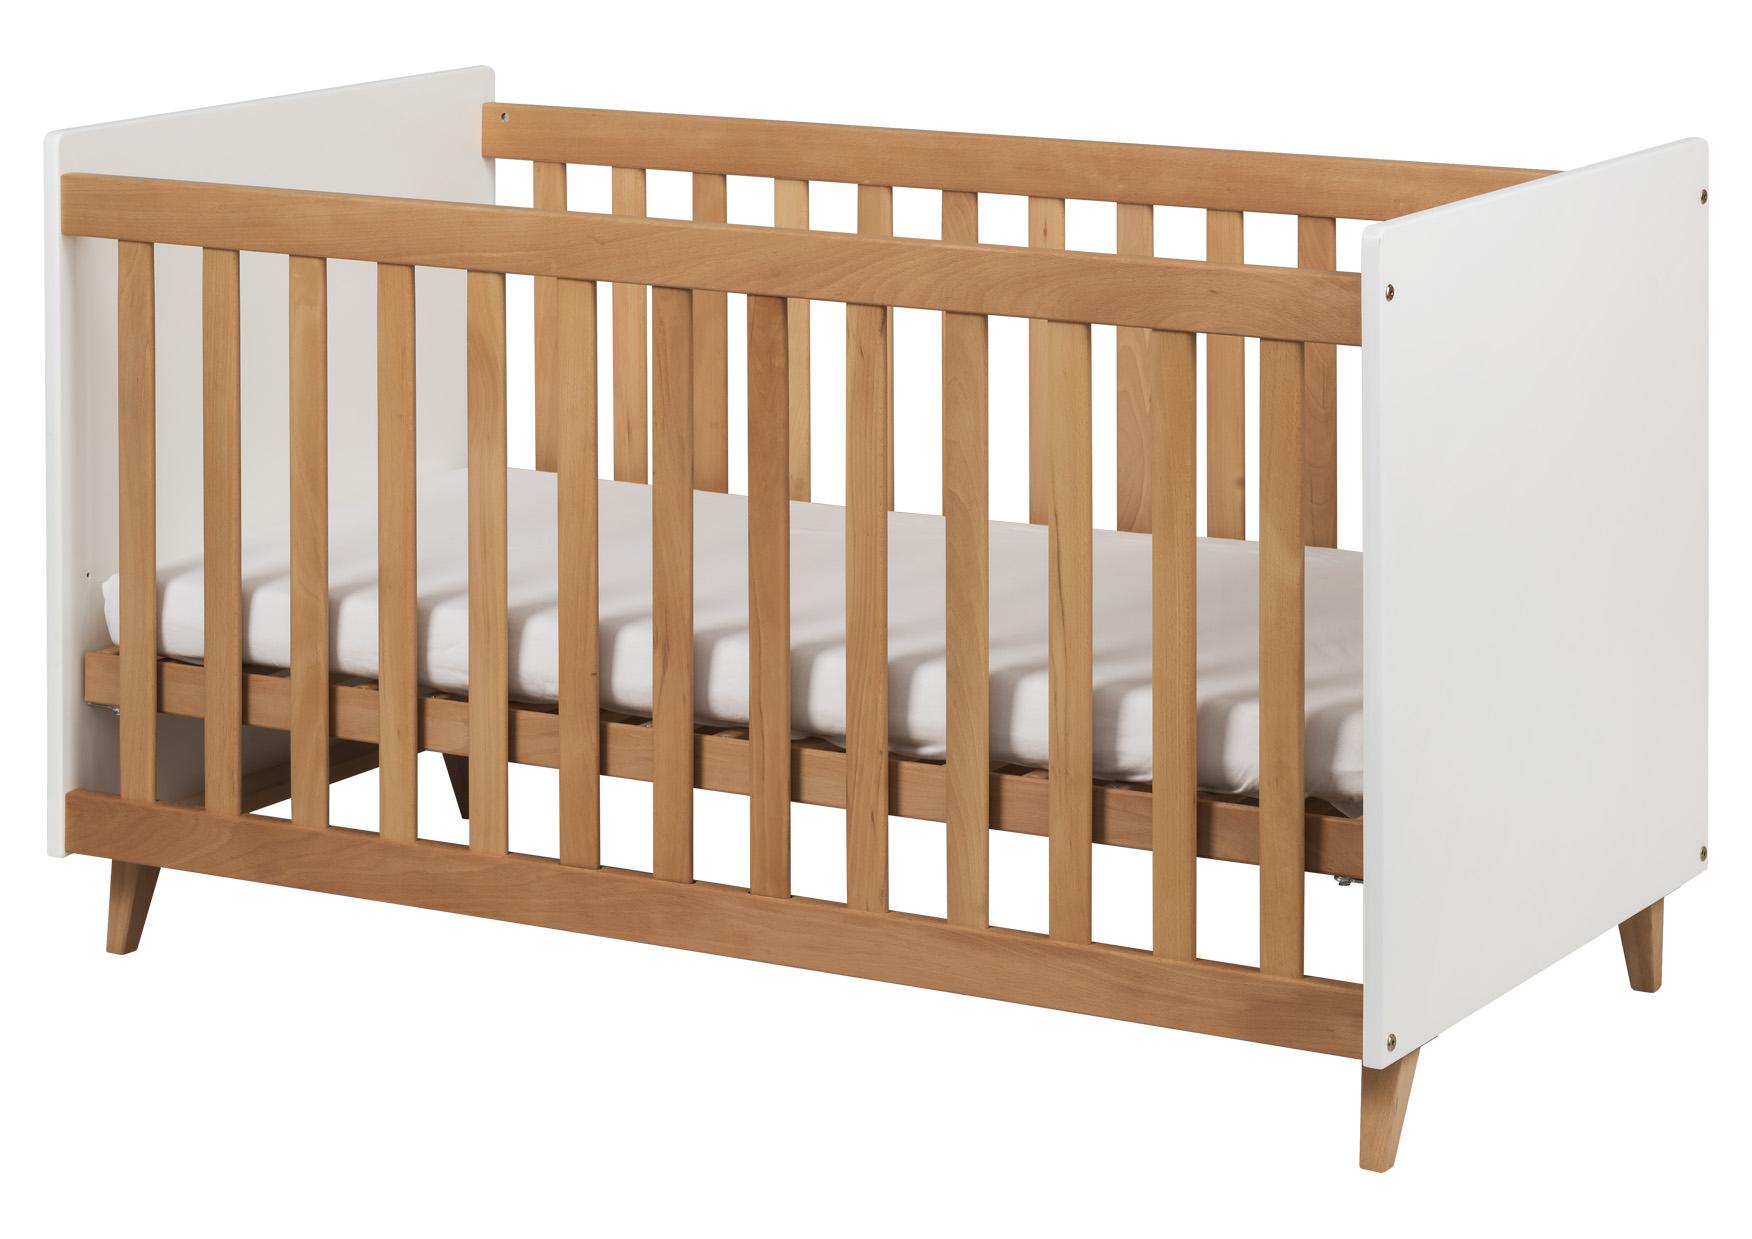 Full Size of Lgfl 70 140 Cm Infanscolor Infansbaby Bett Schwarz Weiß Schwarzes 180x200 Schwarze Küche Wohnzimmer Babybett Schwarz